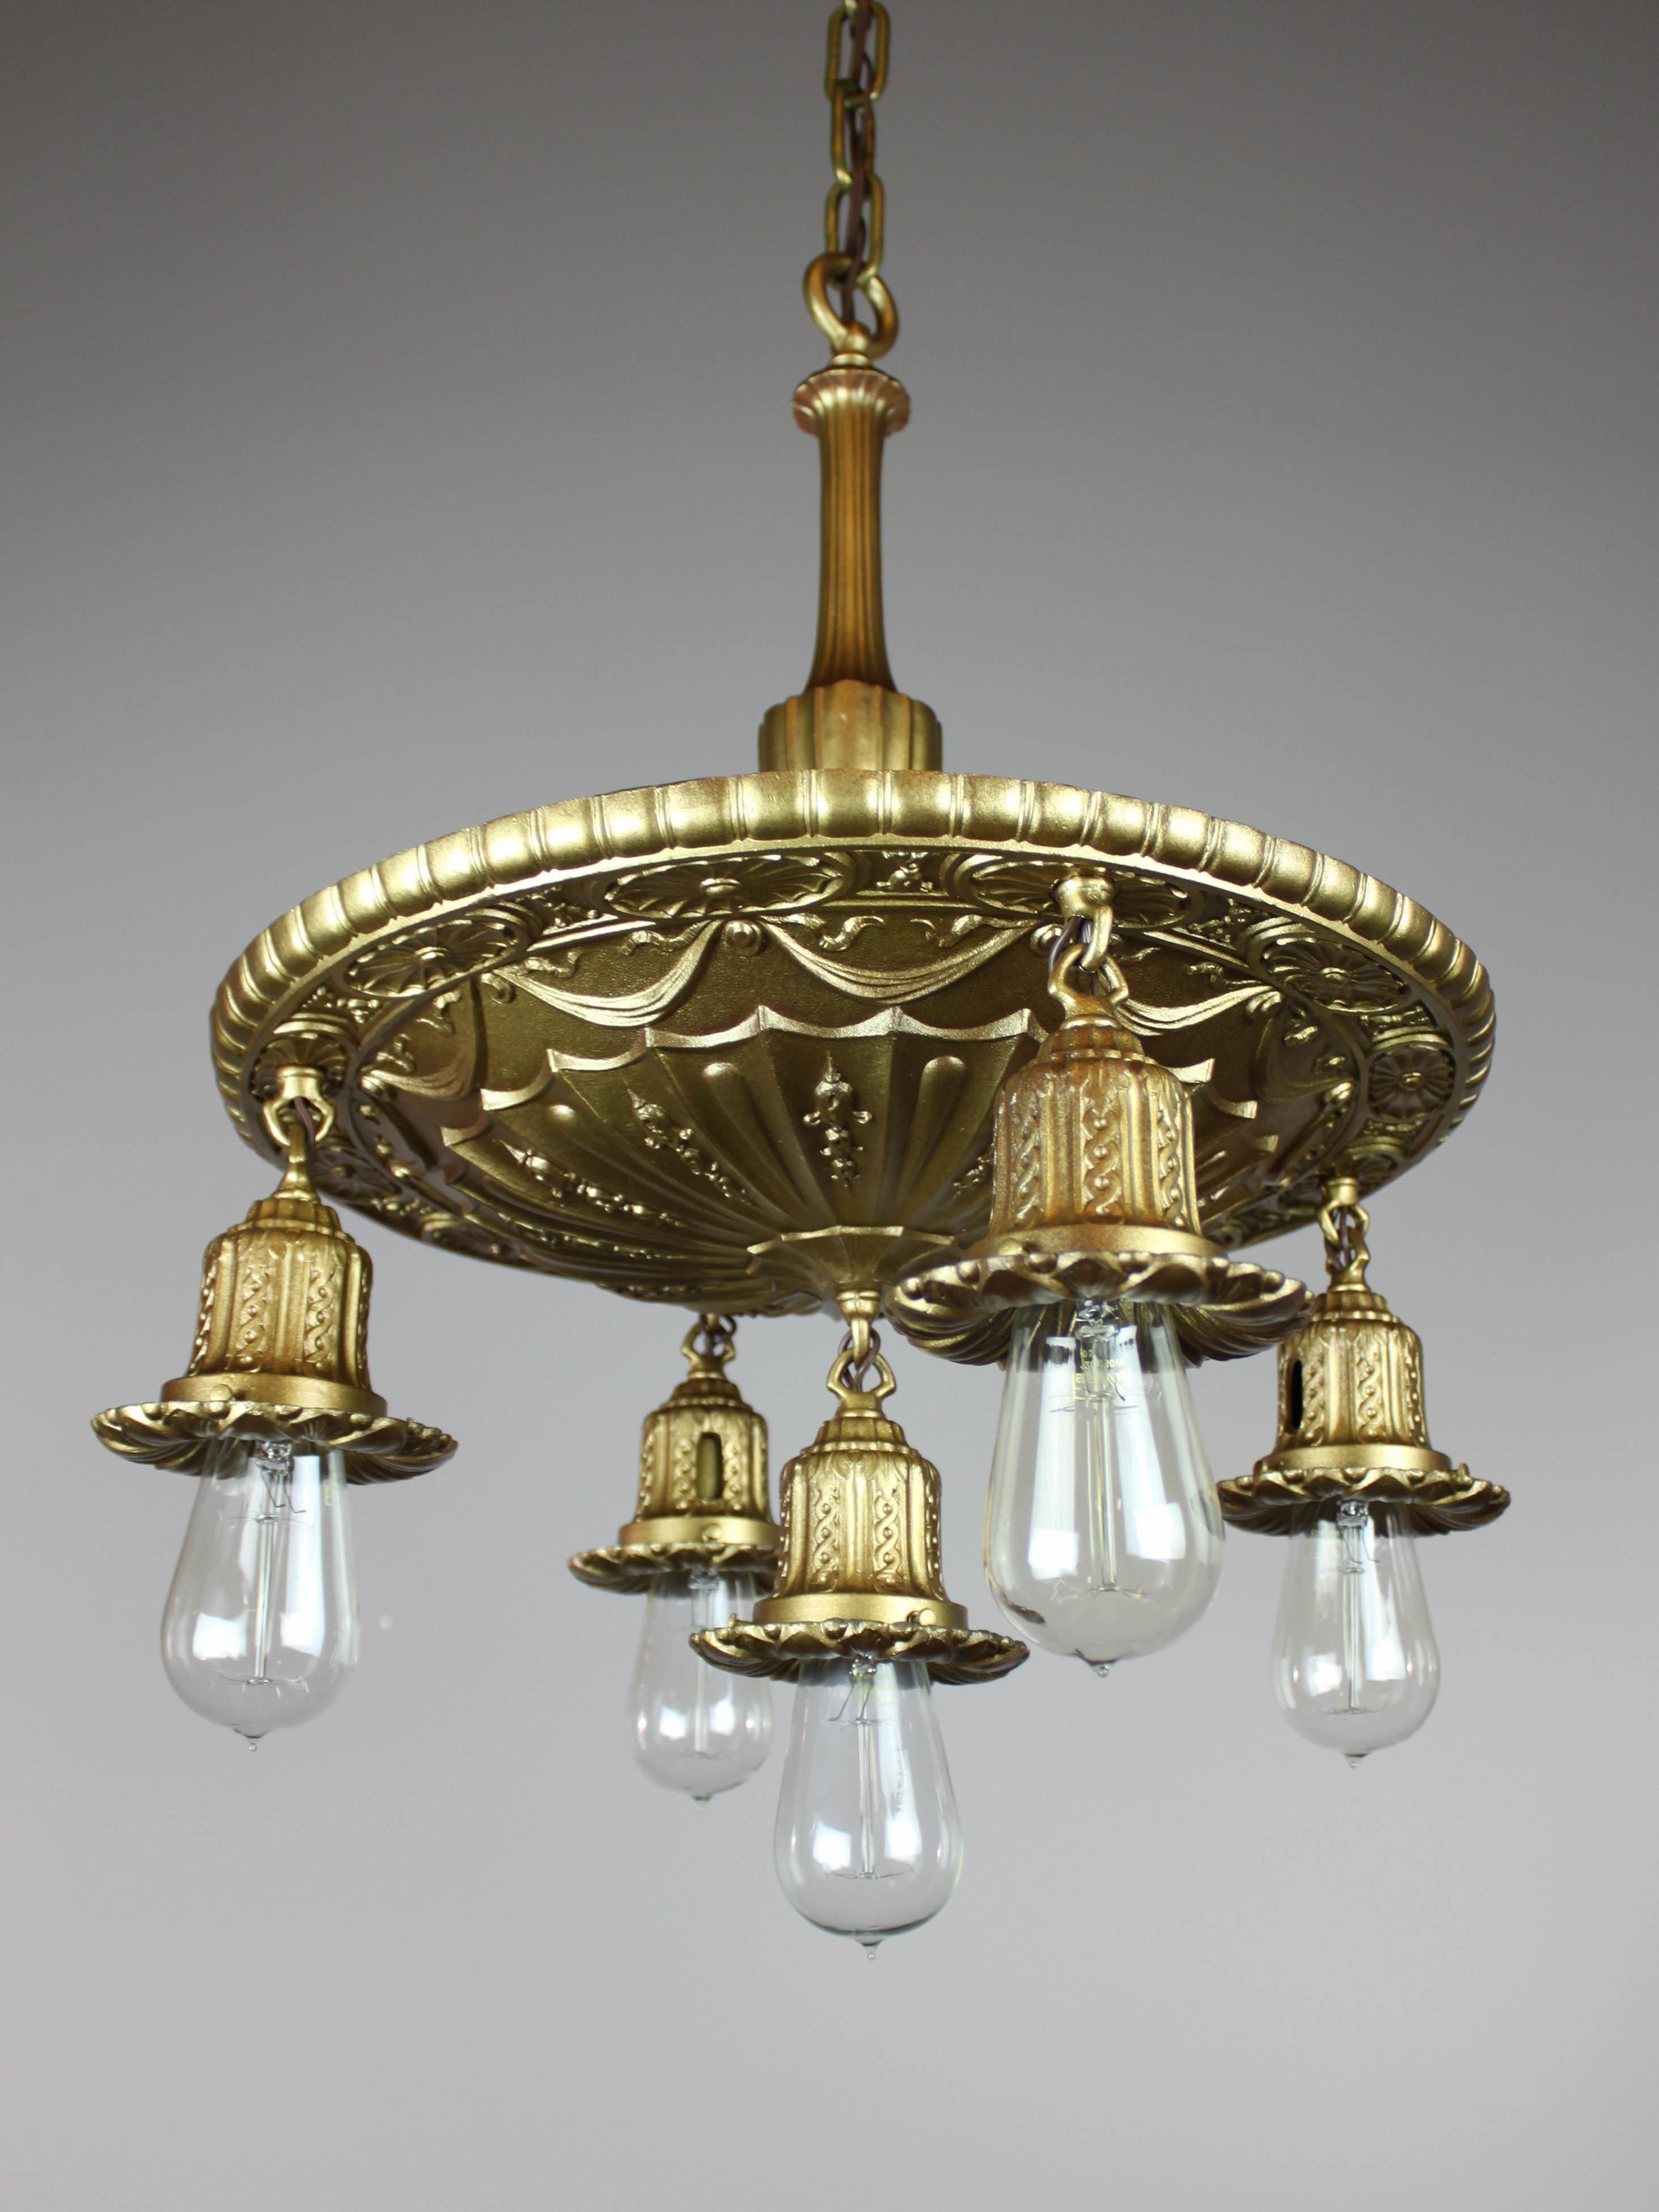 Antique Brass Lighting Fixtures Brass Bathroom Light Fixtures